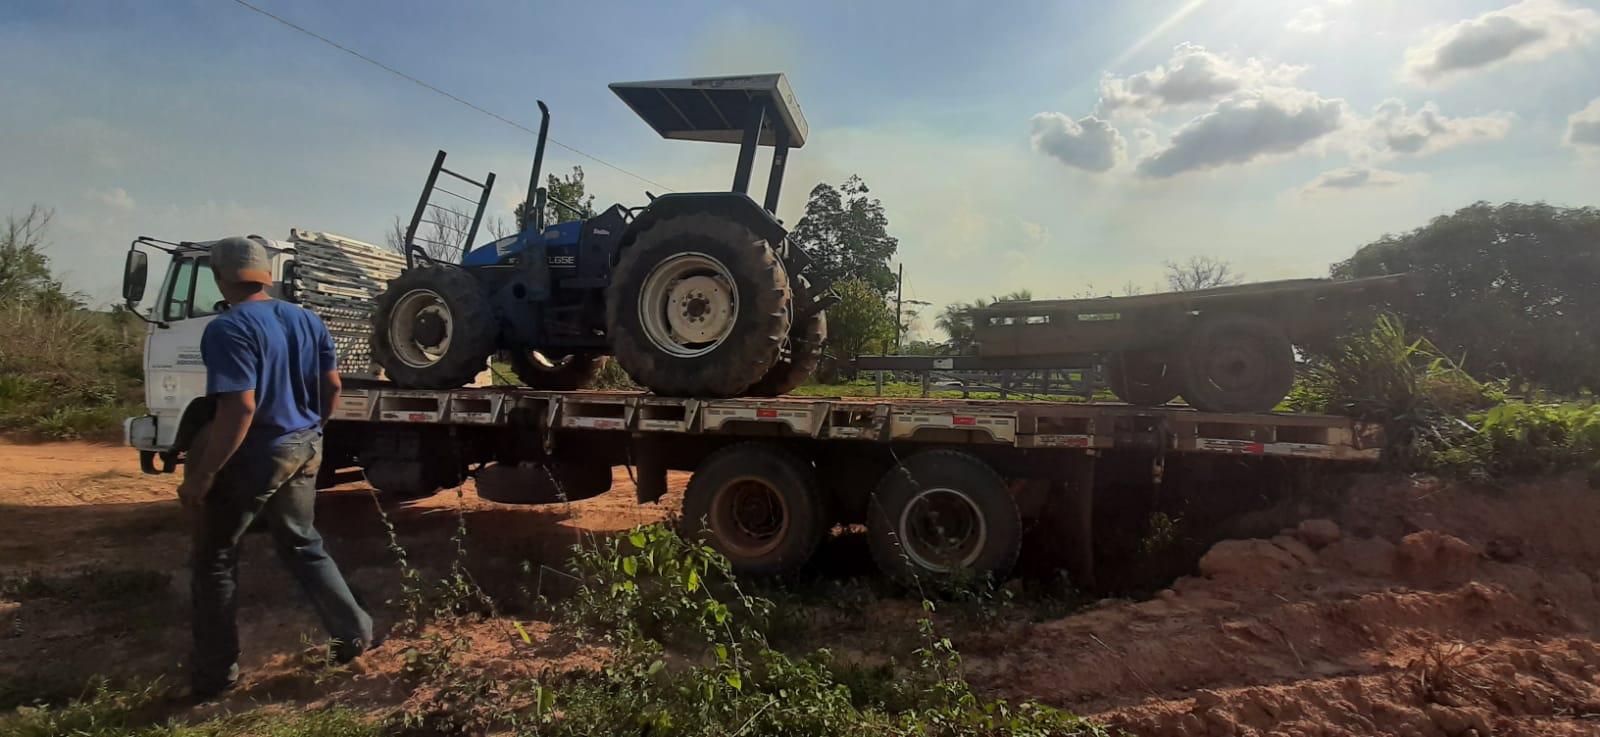 Governo intensifica localização e recolhimento de máquinas agrícolas na região do Alto Acre